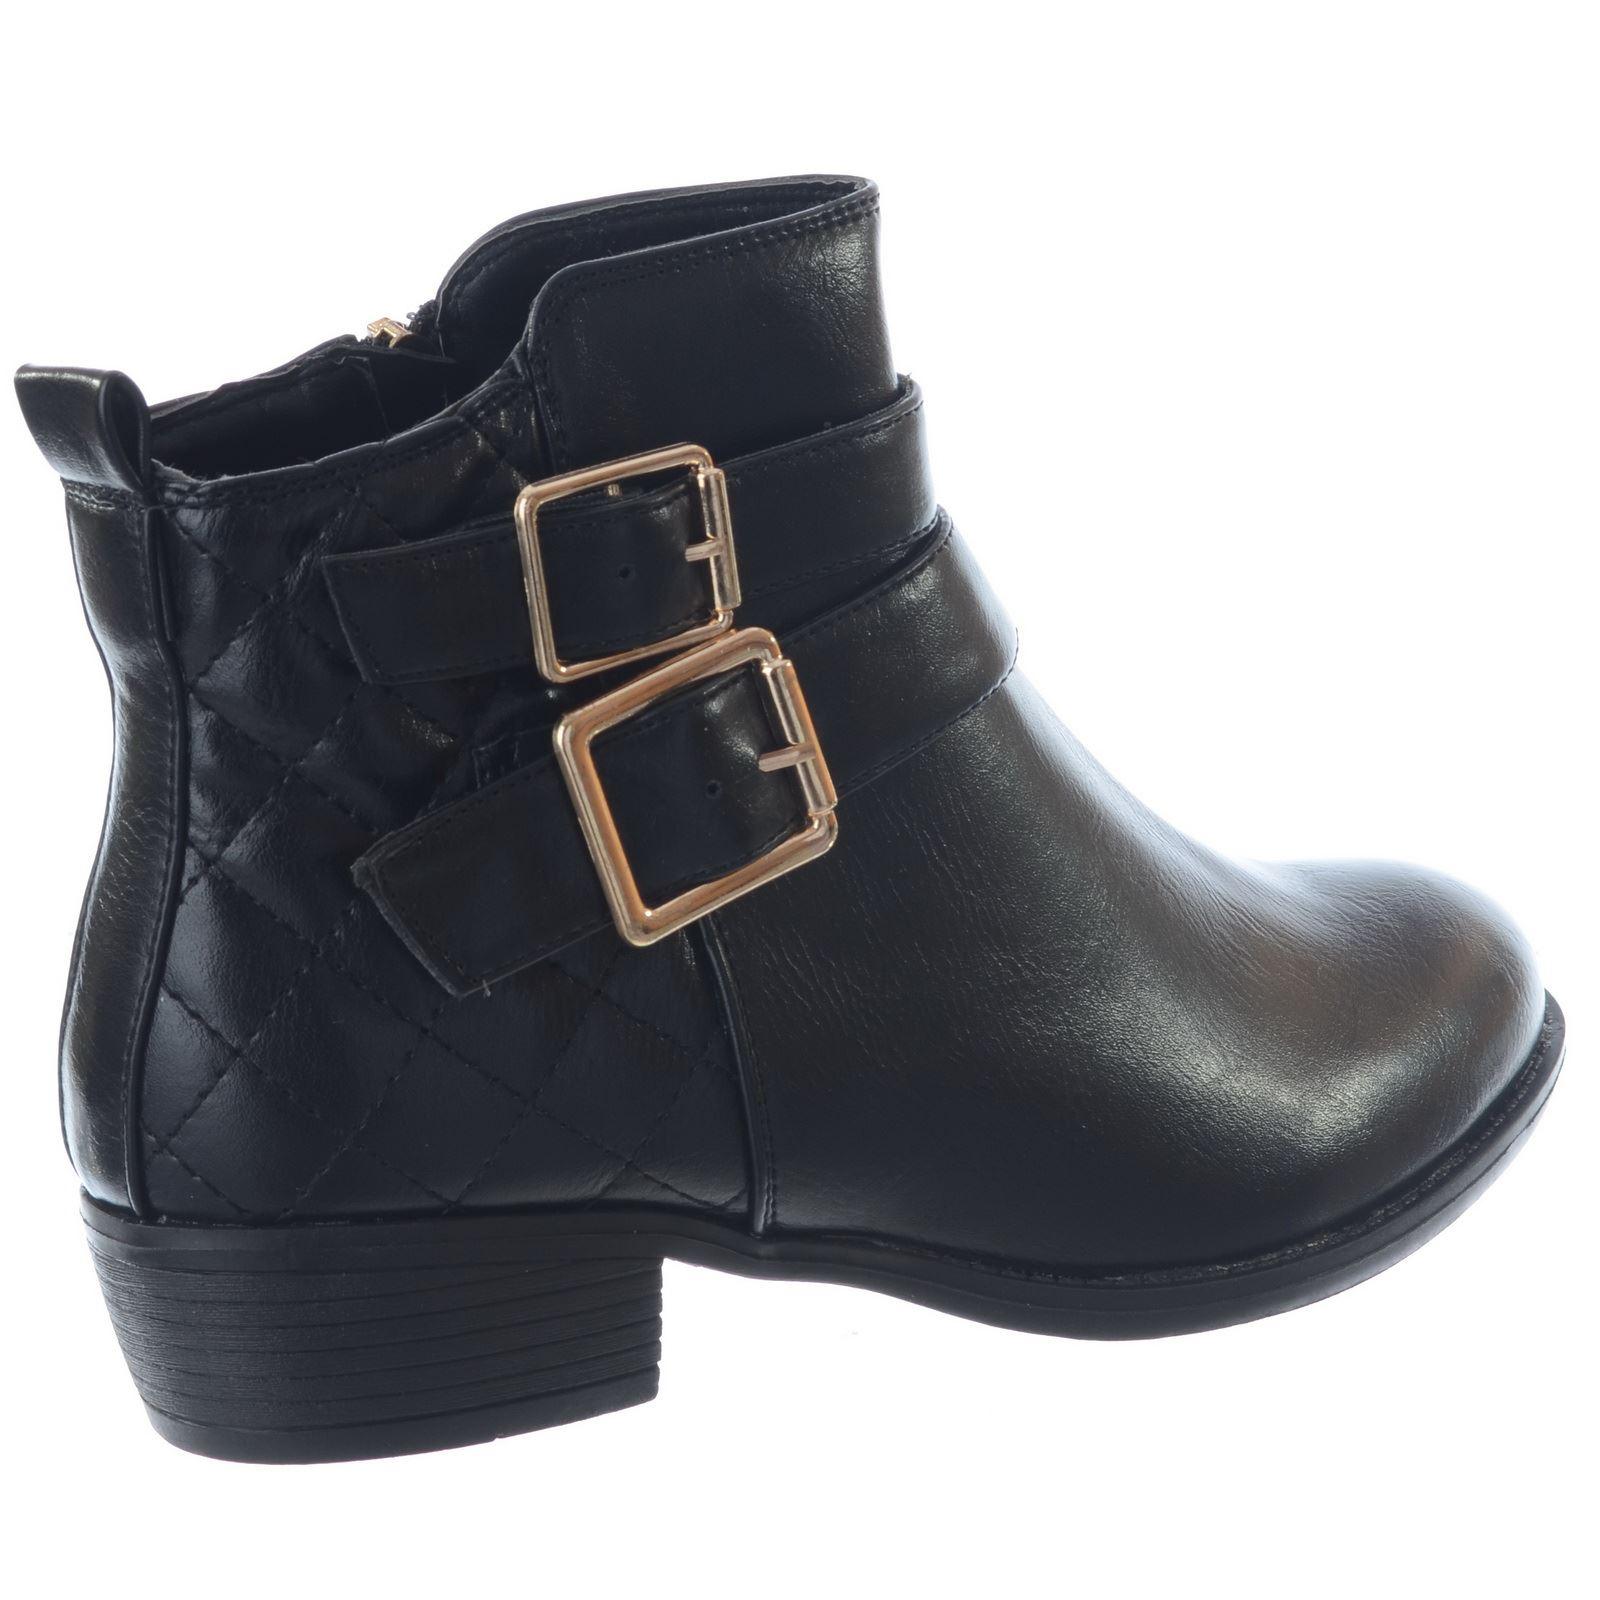 Nuevo Mujer Damas Tacón Bajo Mediados Bloque Chelsea Plano Cremallera Botas al Tobillo Zapatos Talla